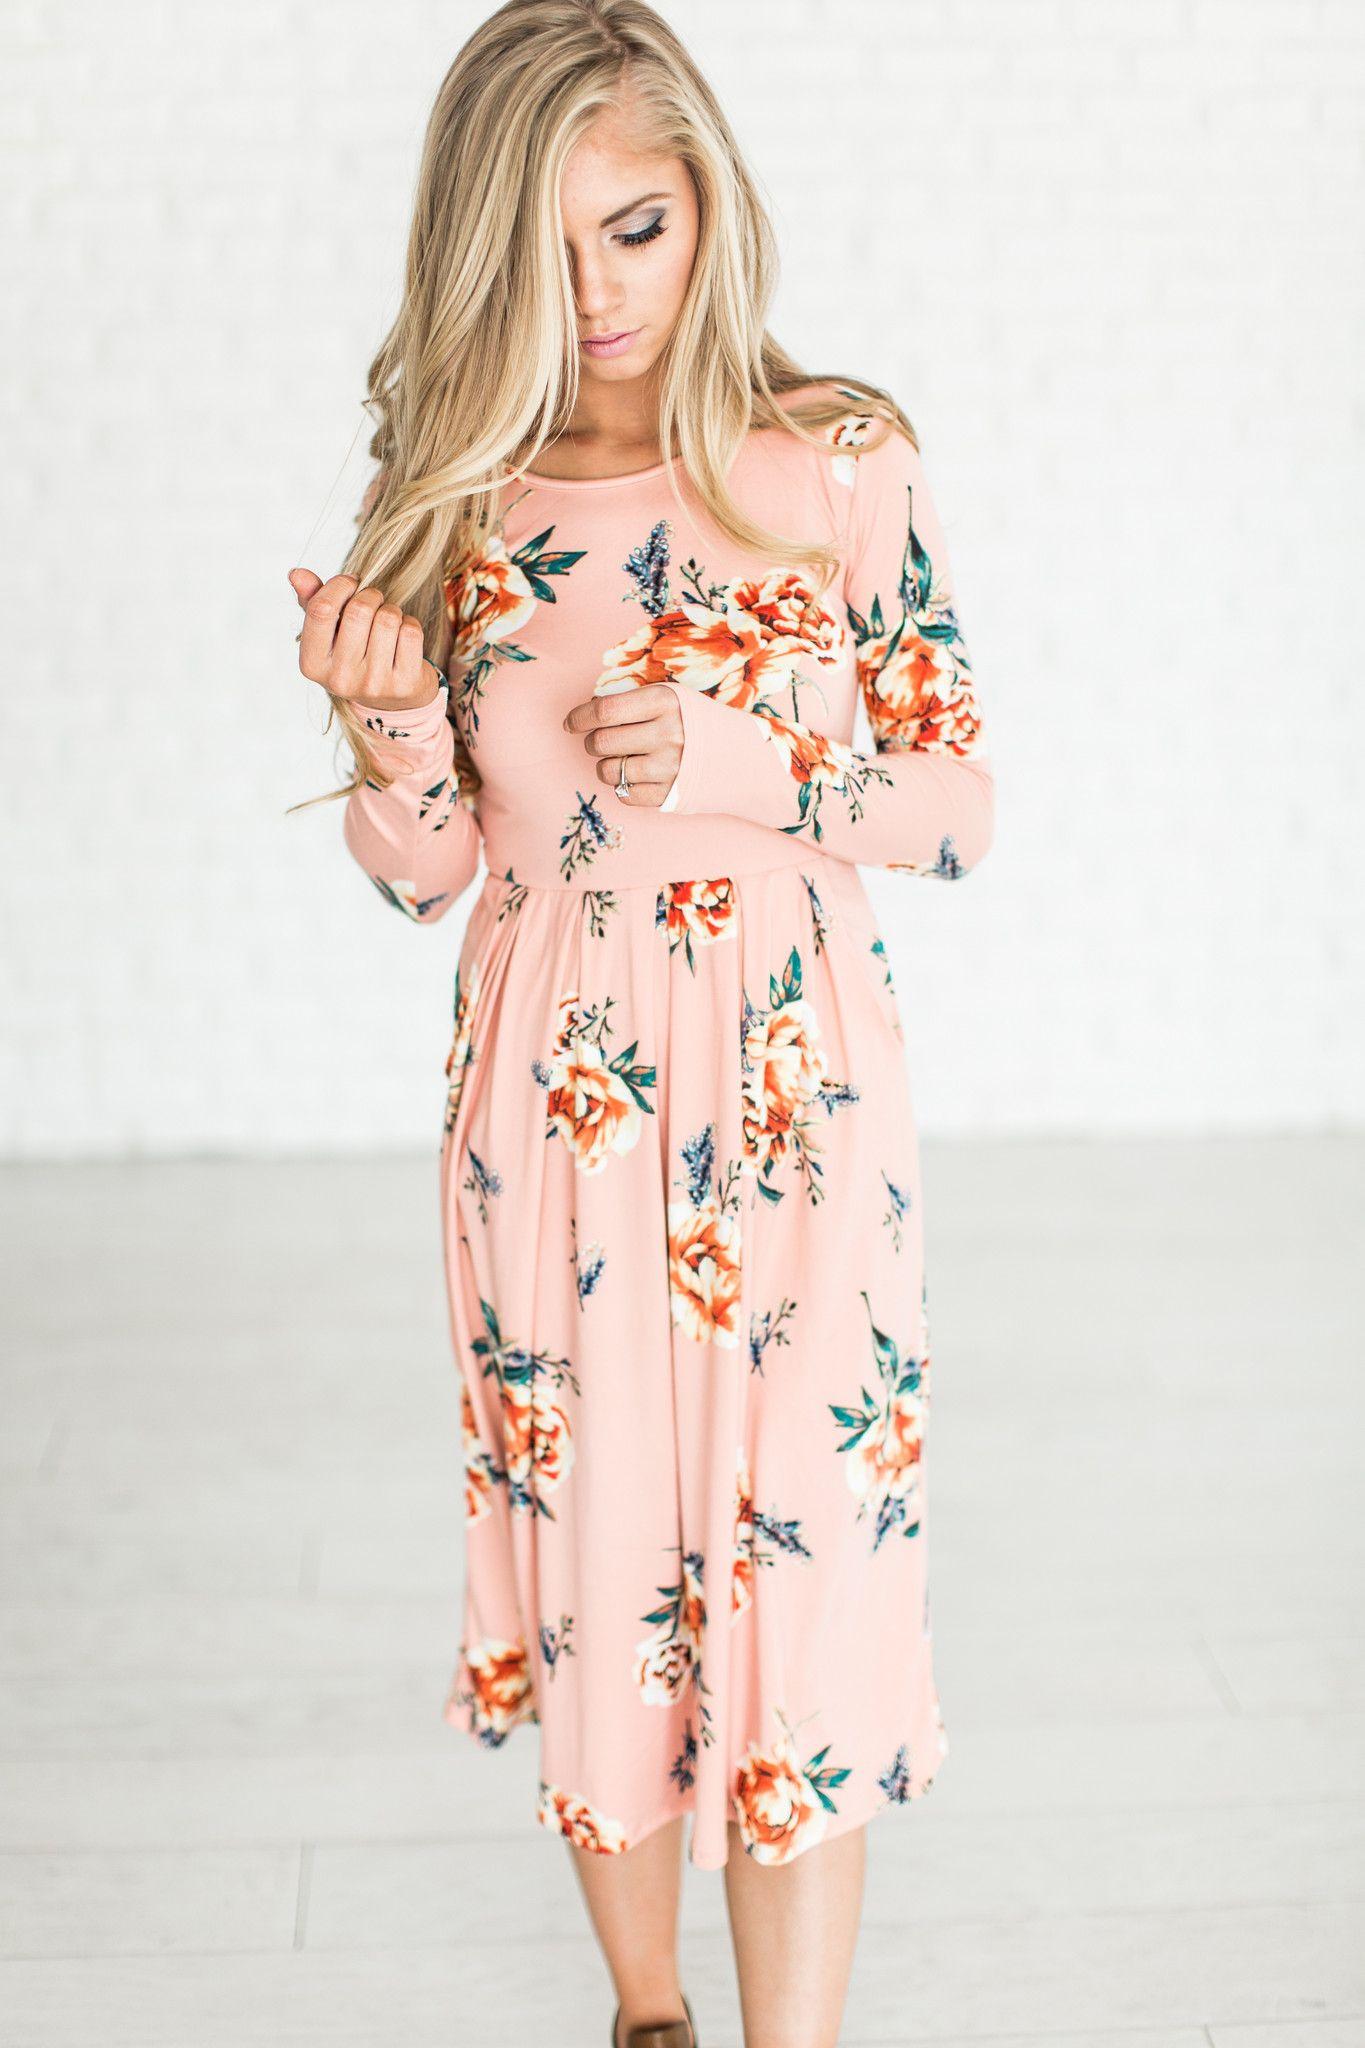 Floral blooms dress blush estilo hippie chic pinterest soft